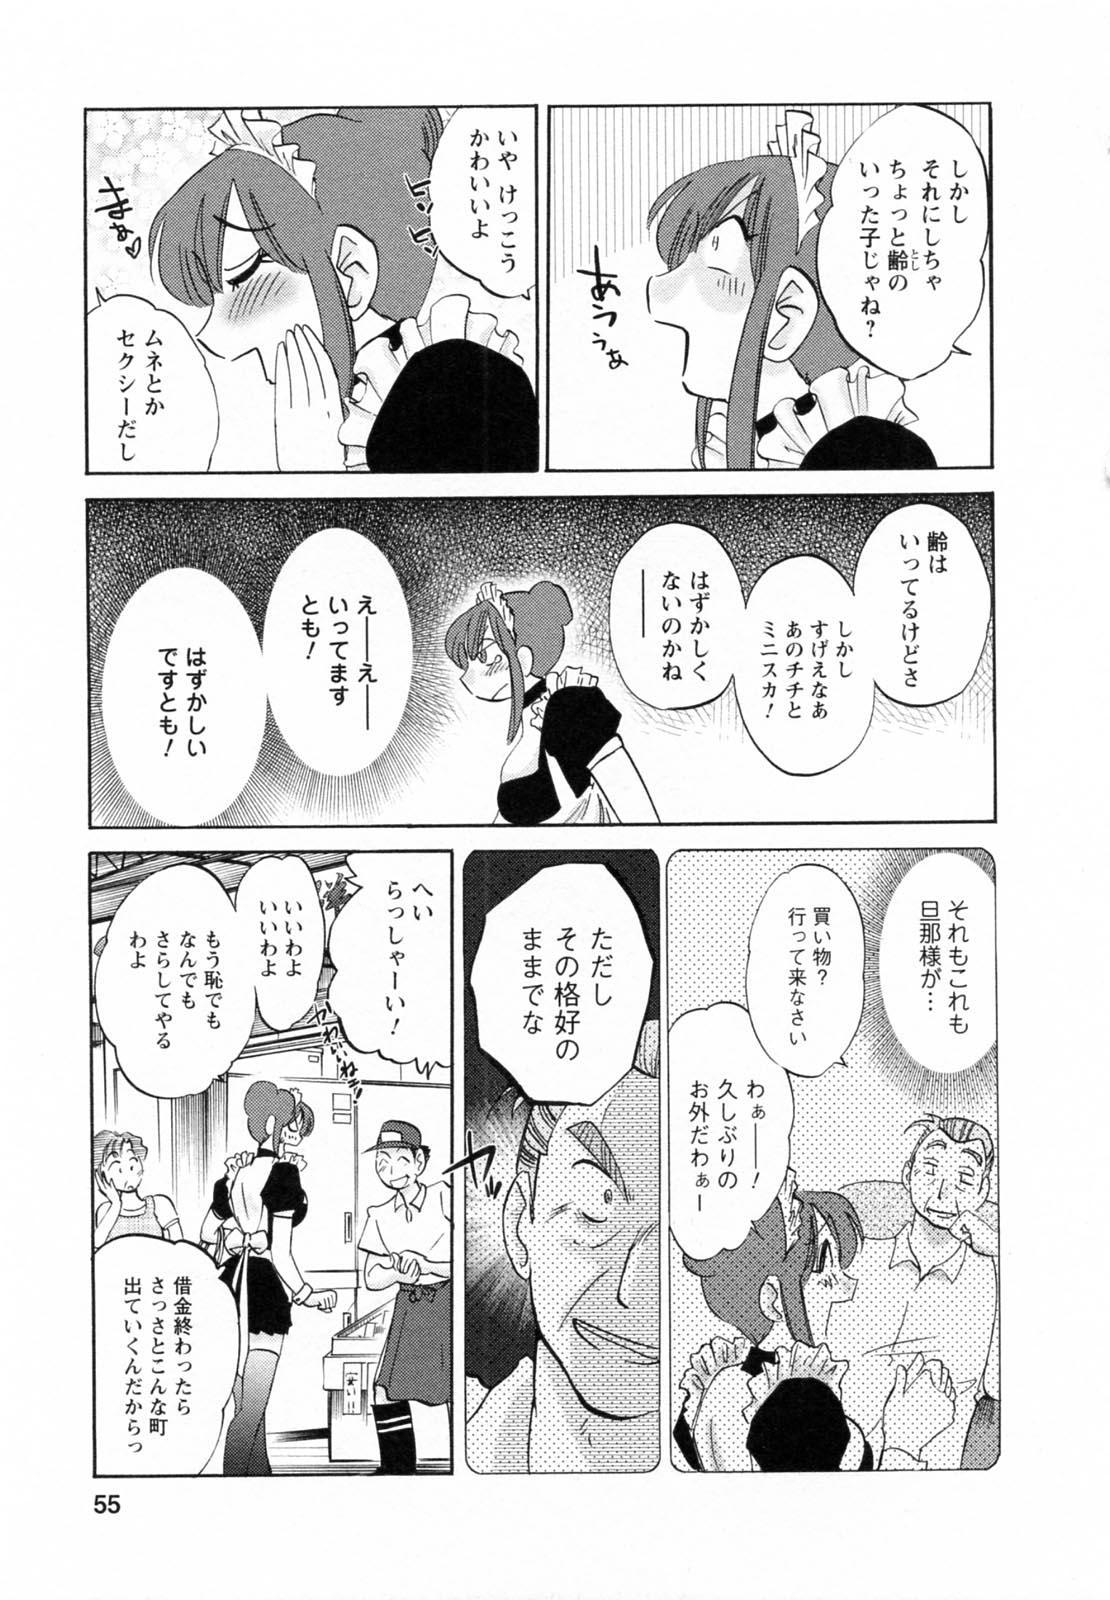 Maid no Mitsukosan Vol.1 54